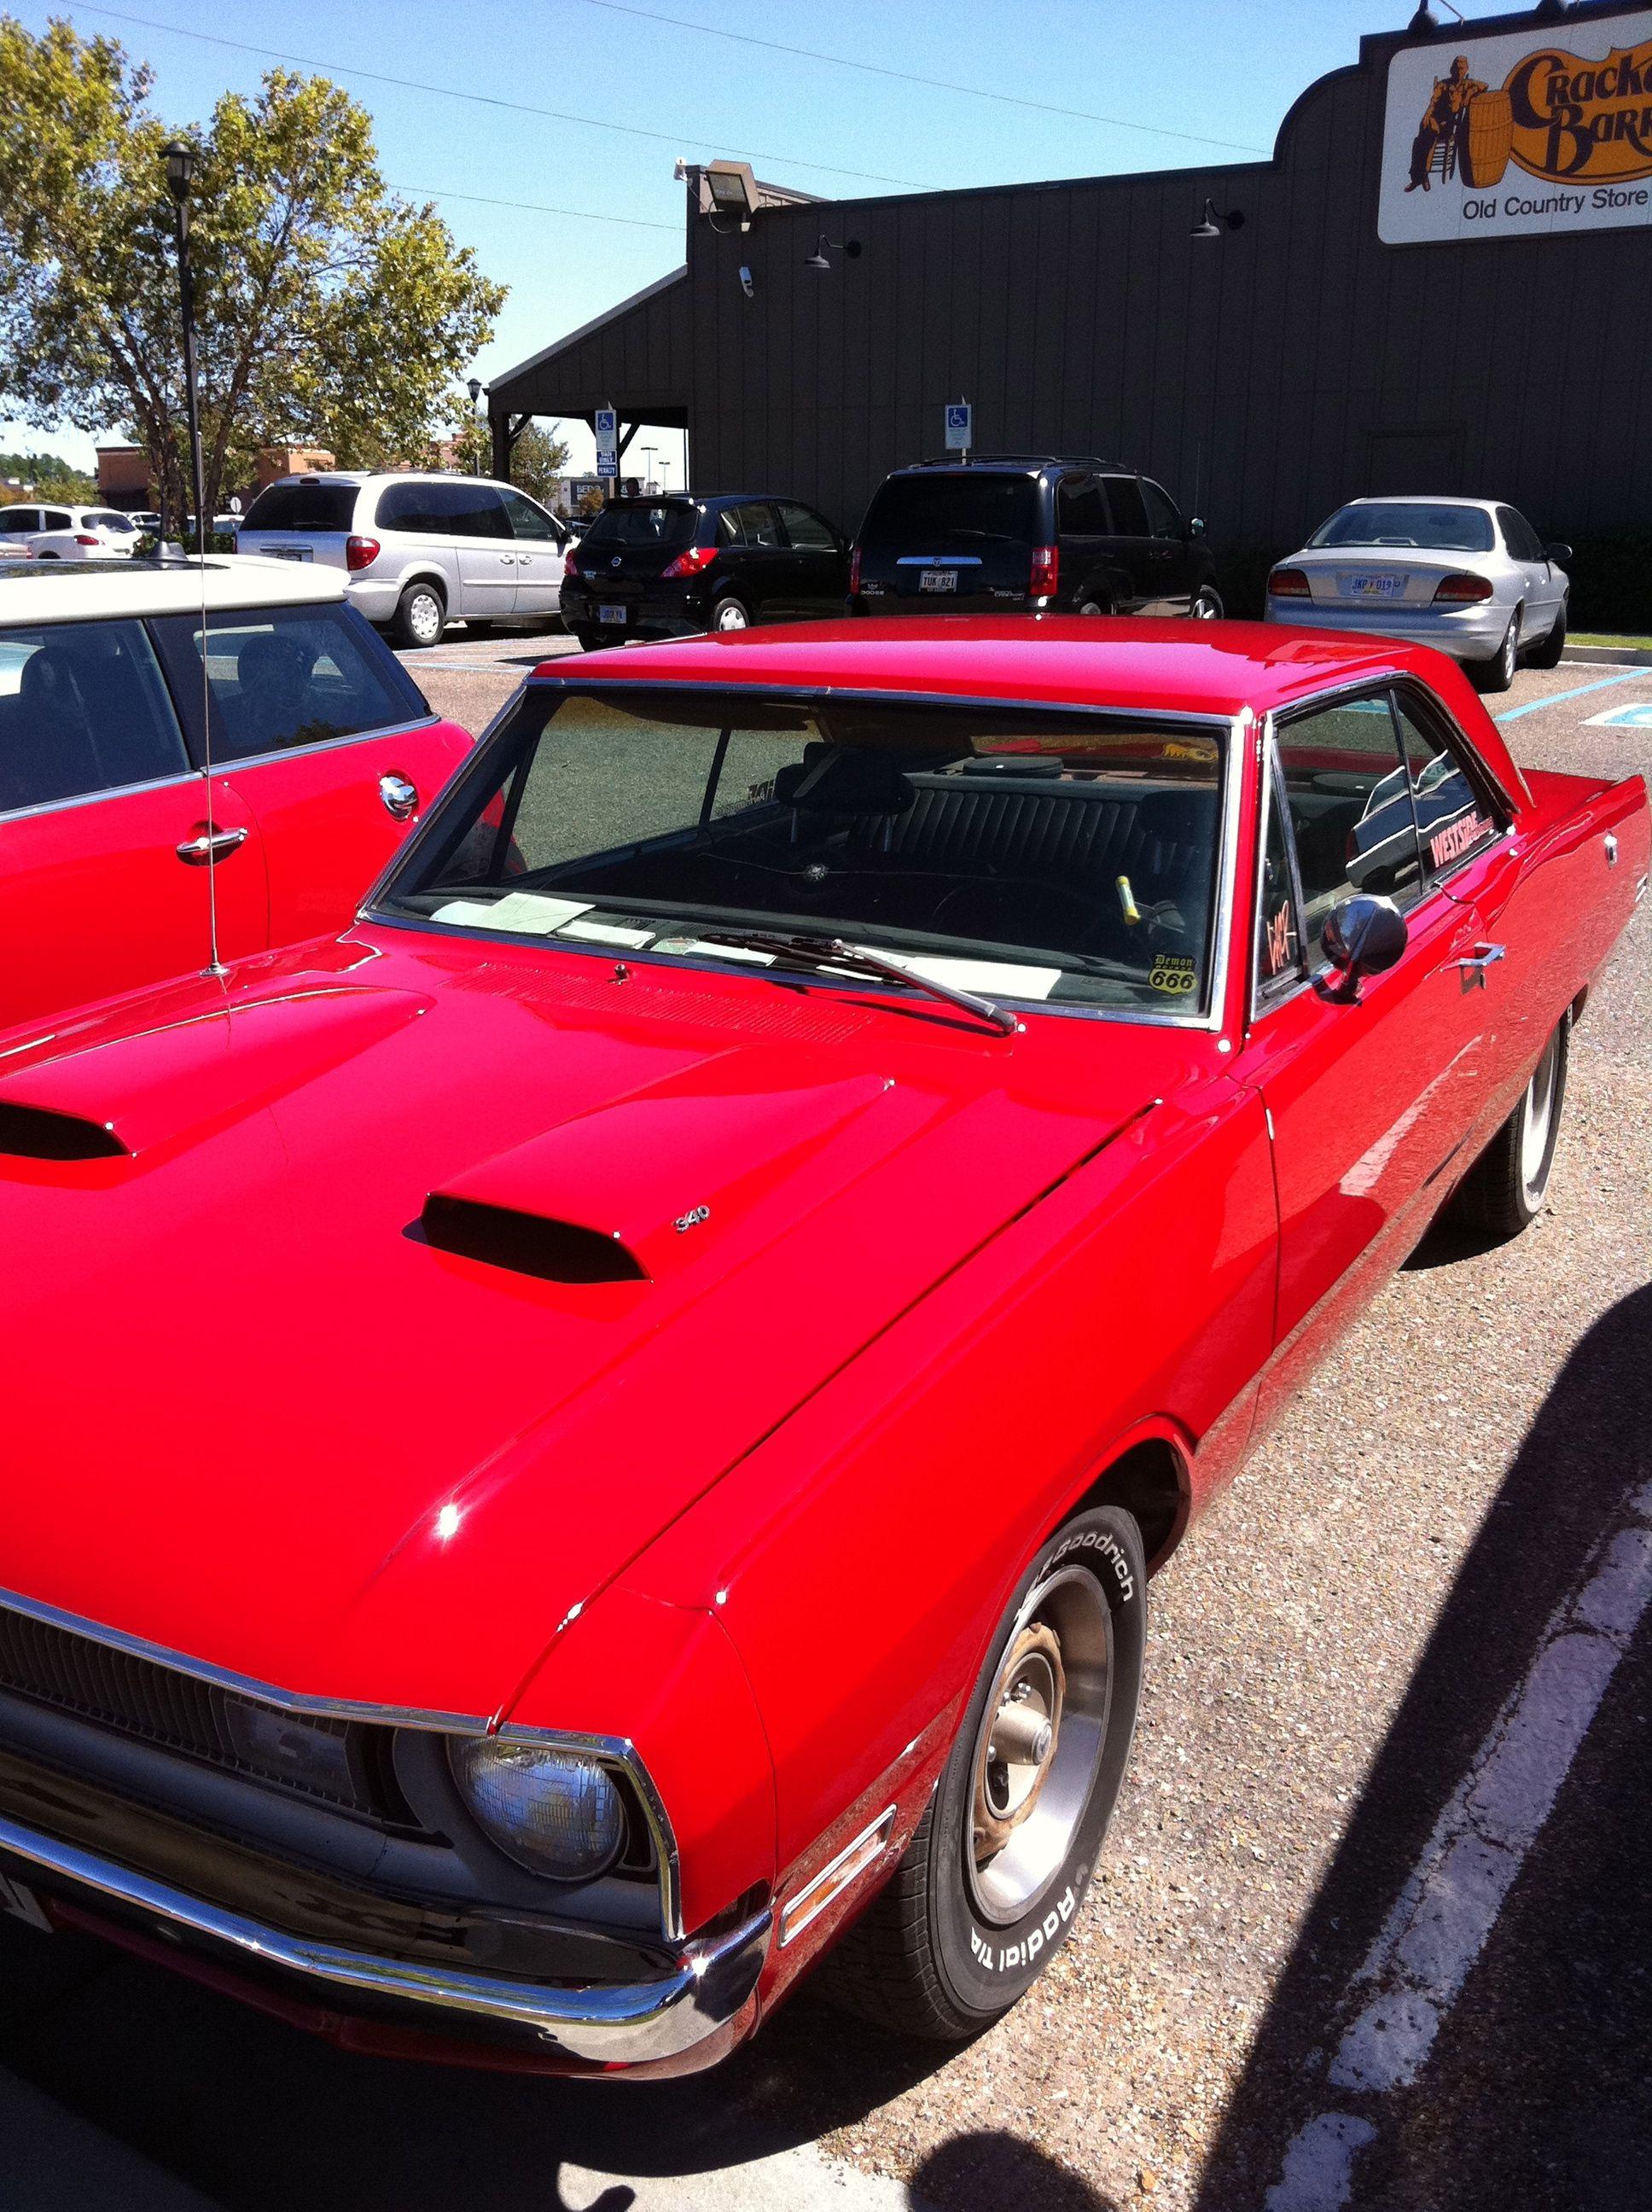 1970 Dodge Charger Rt: 1970 Dodge Dart Swinger 340